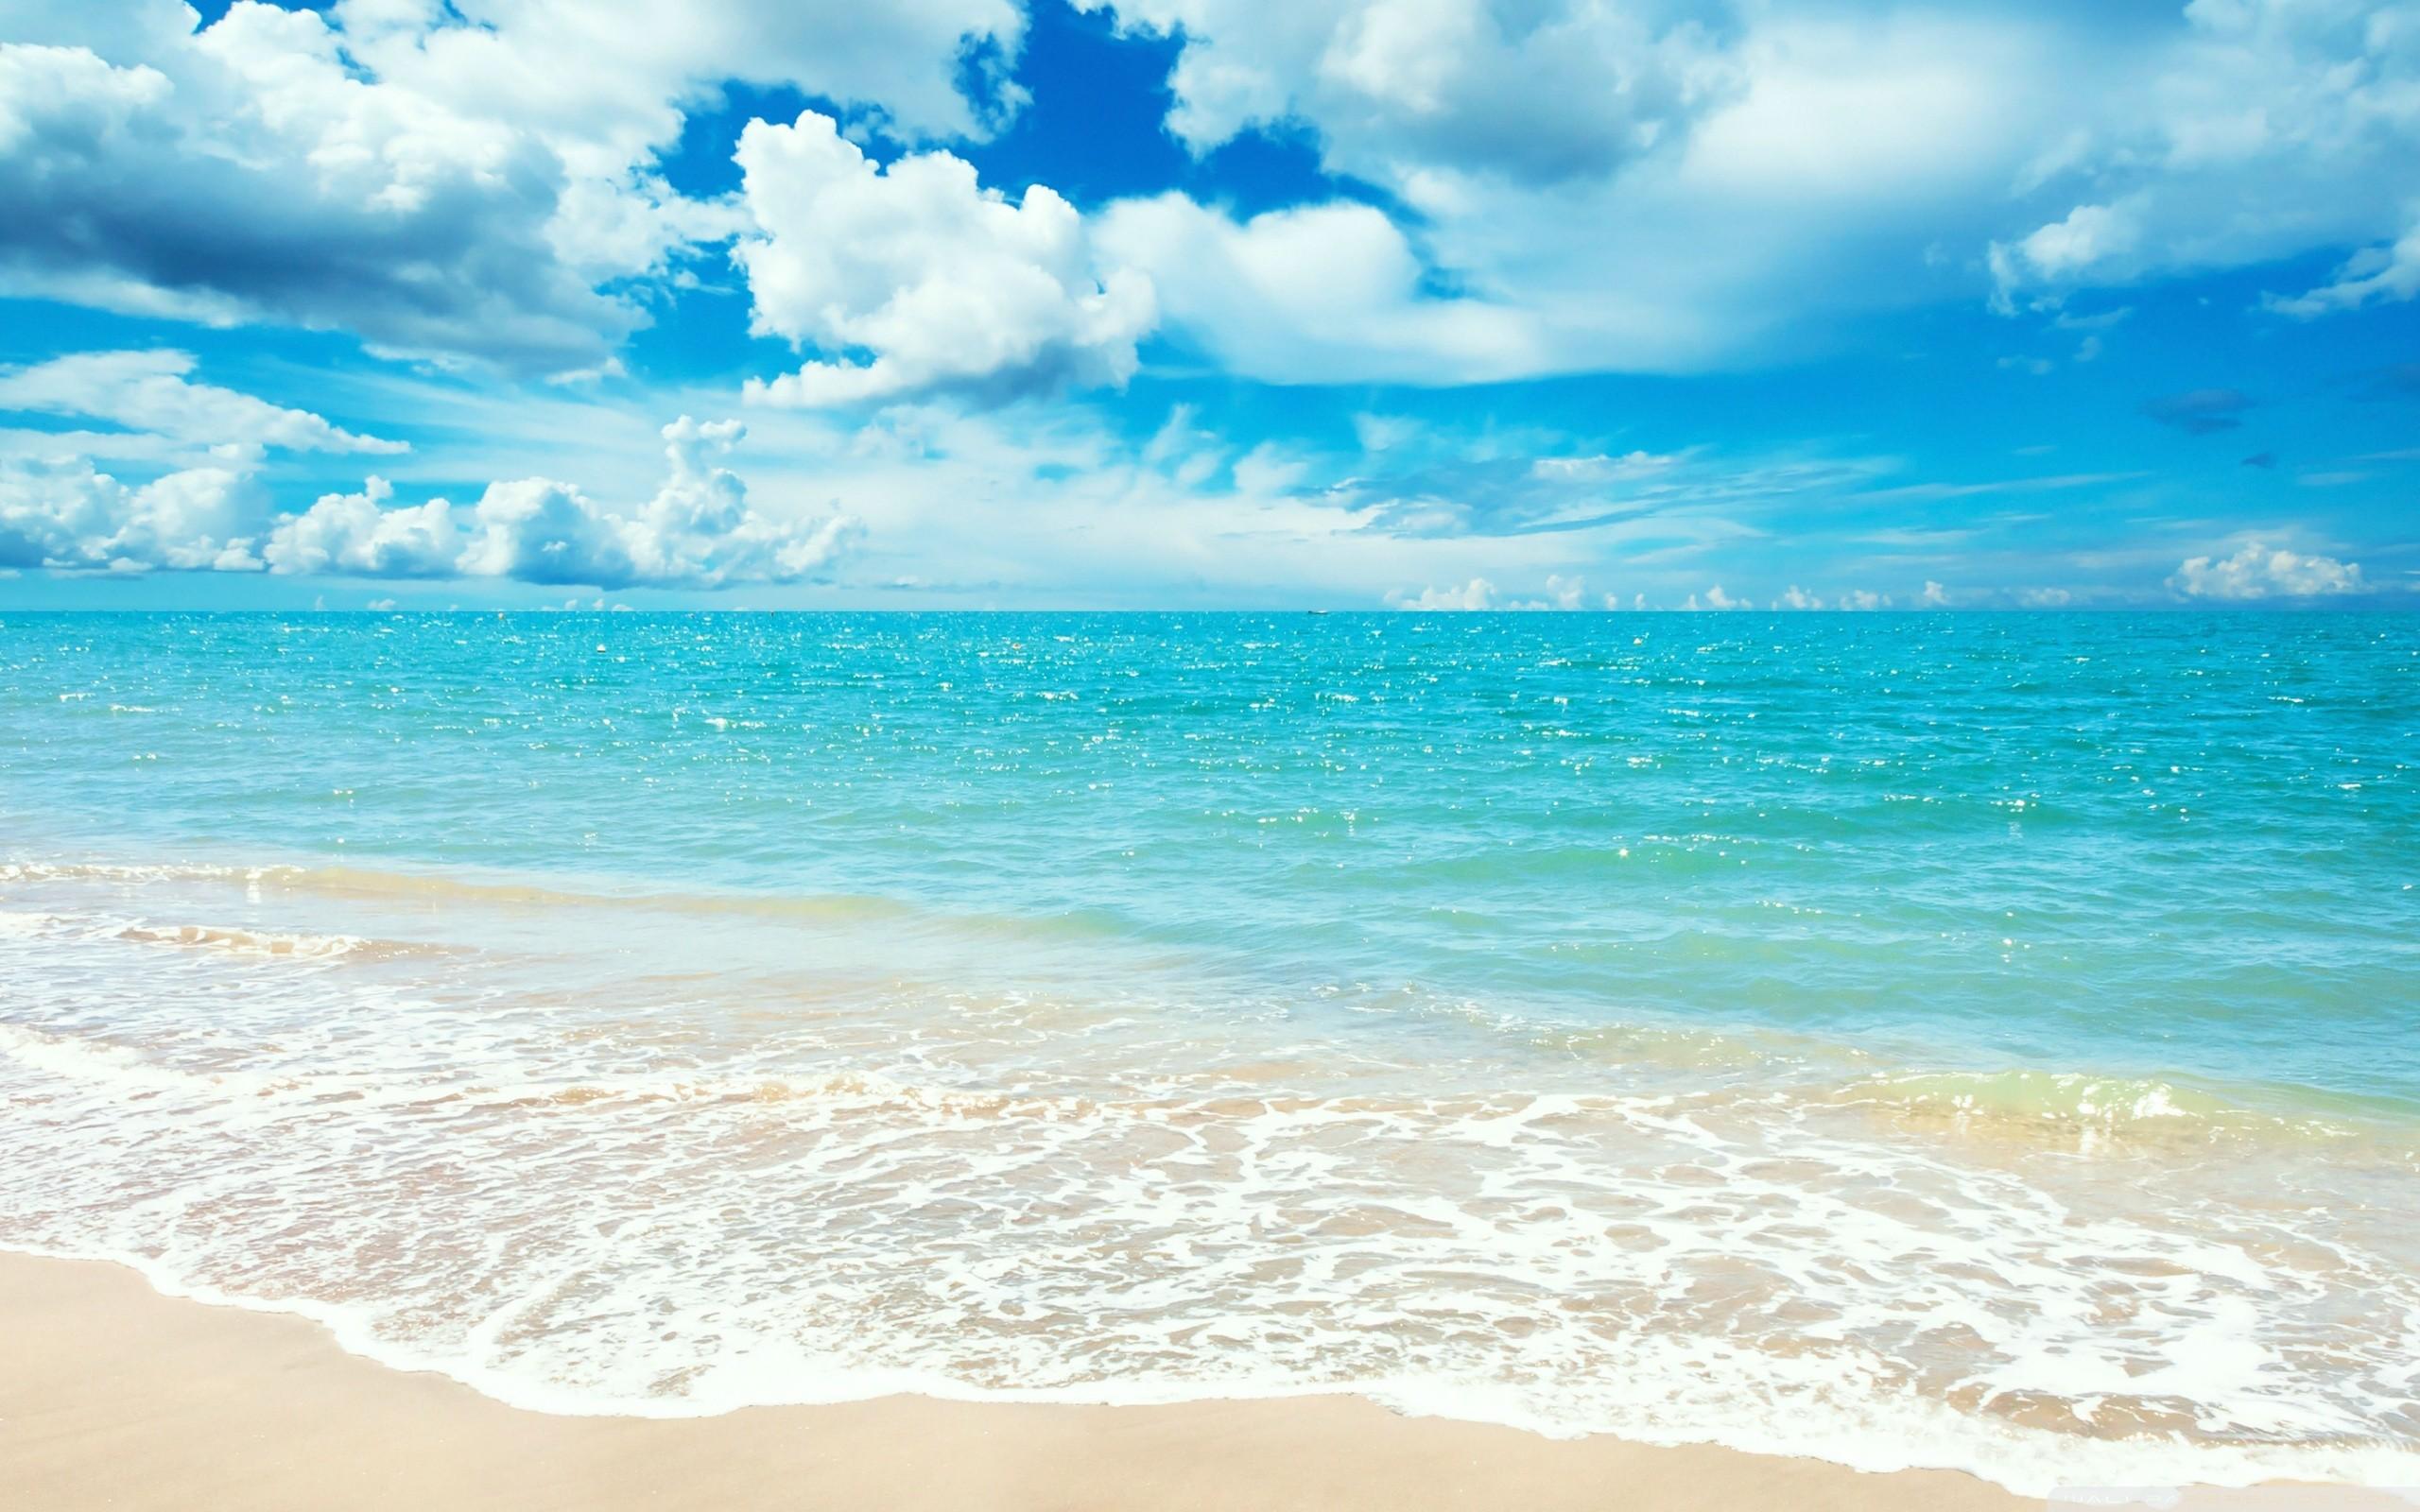 Biển luôn dang rộng vòng tay ôm lấy con người, là chỗ dựa cho rất nhiều người về tinh thần lẫn vật chất.